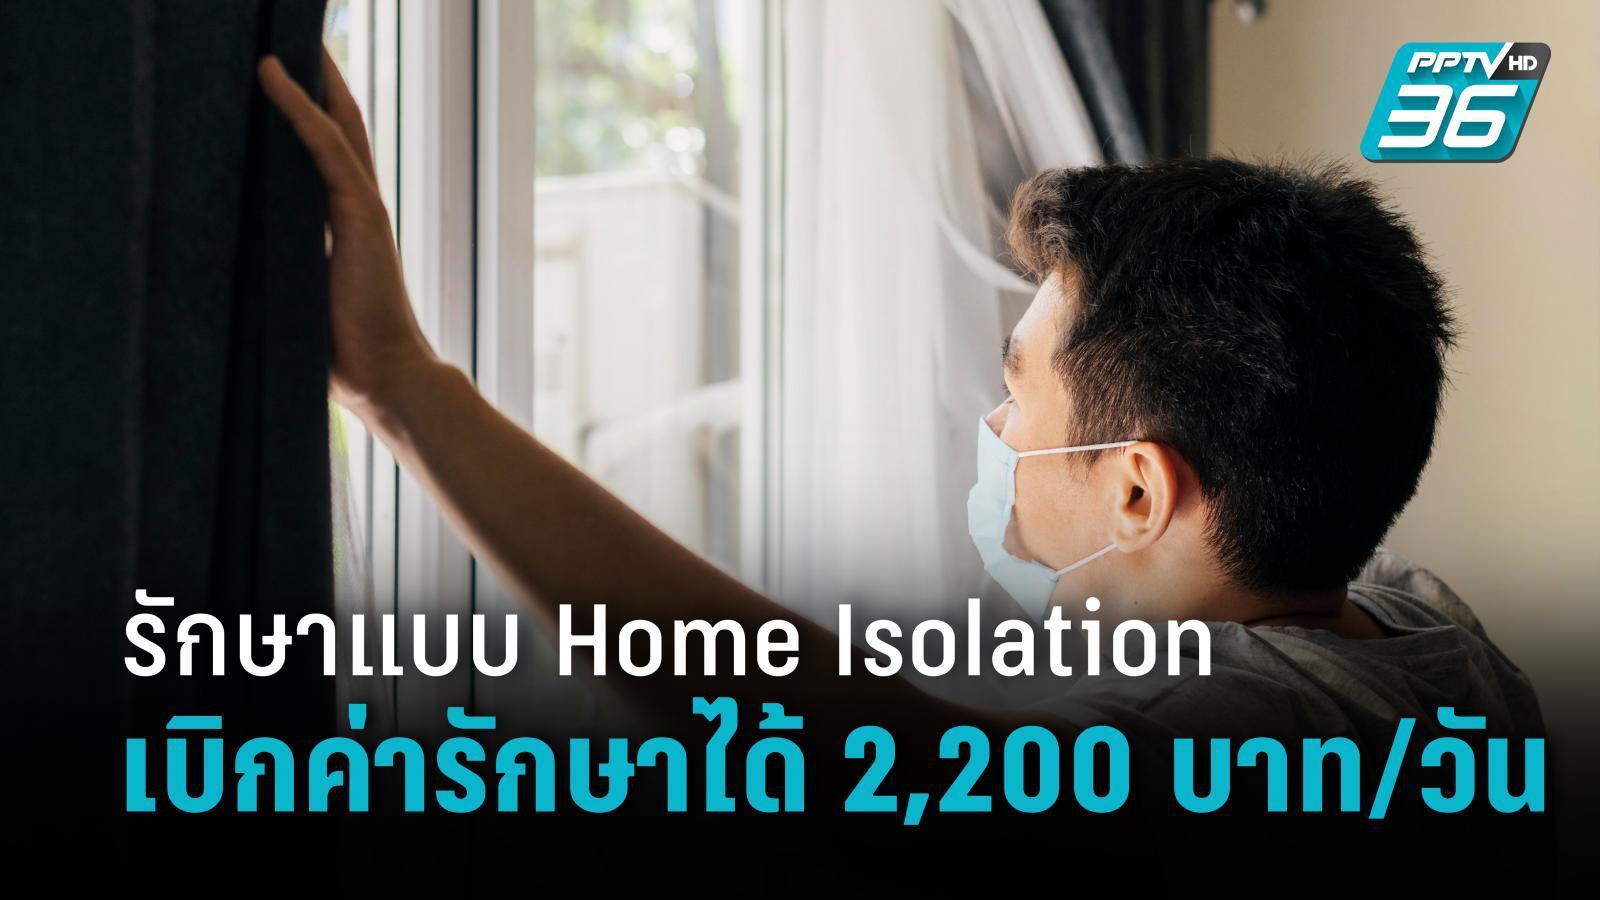 กรมบัญชีกลางคลอดหลักเกณฑ์เบิกค่ารักษาผู้ป่วย Home Isolation